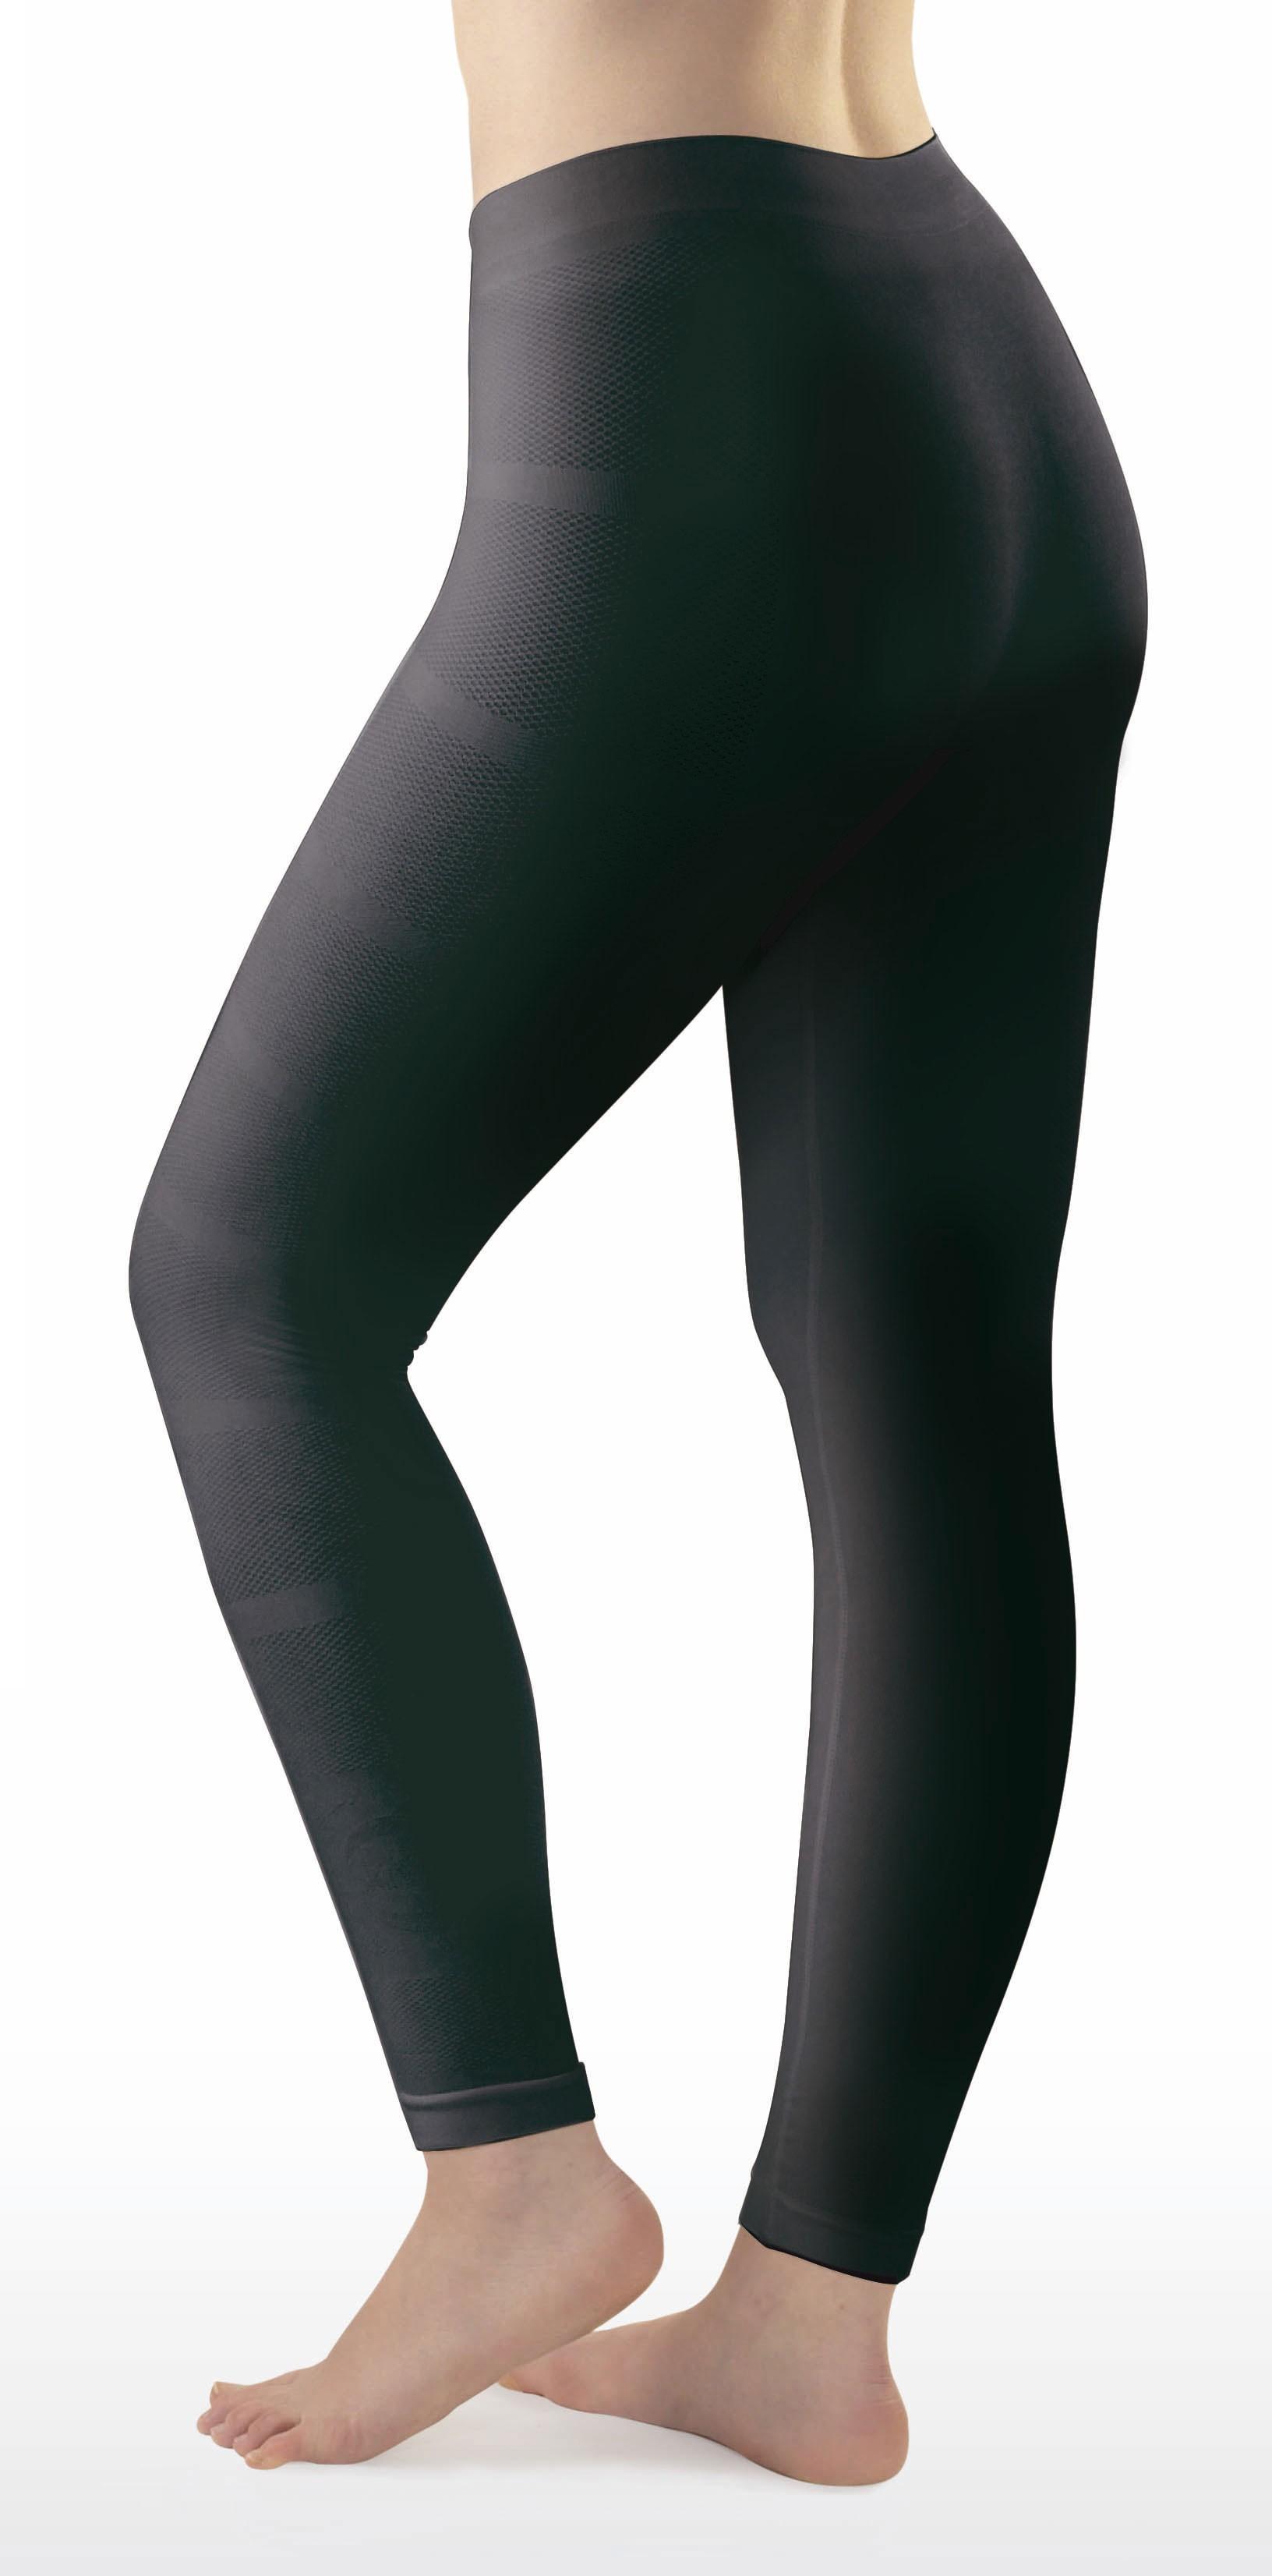 Legging anti-cellulite : quels sont ses effets sur la santé ?